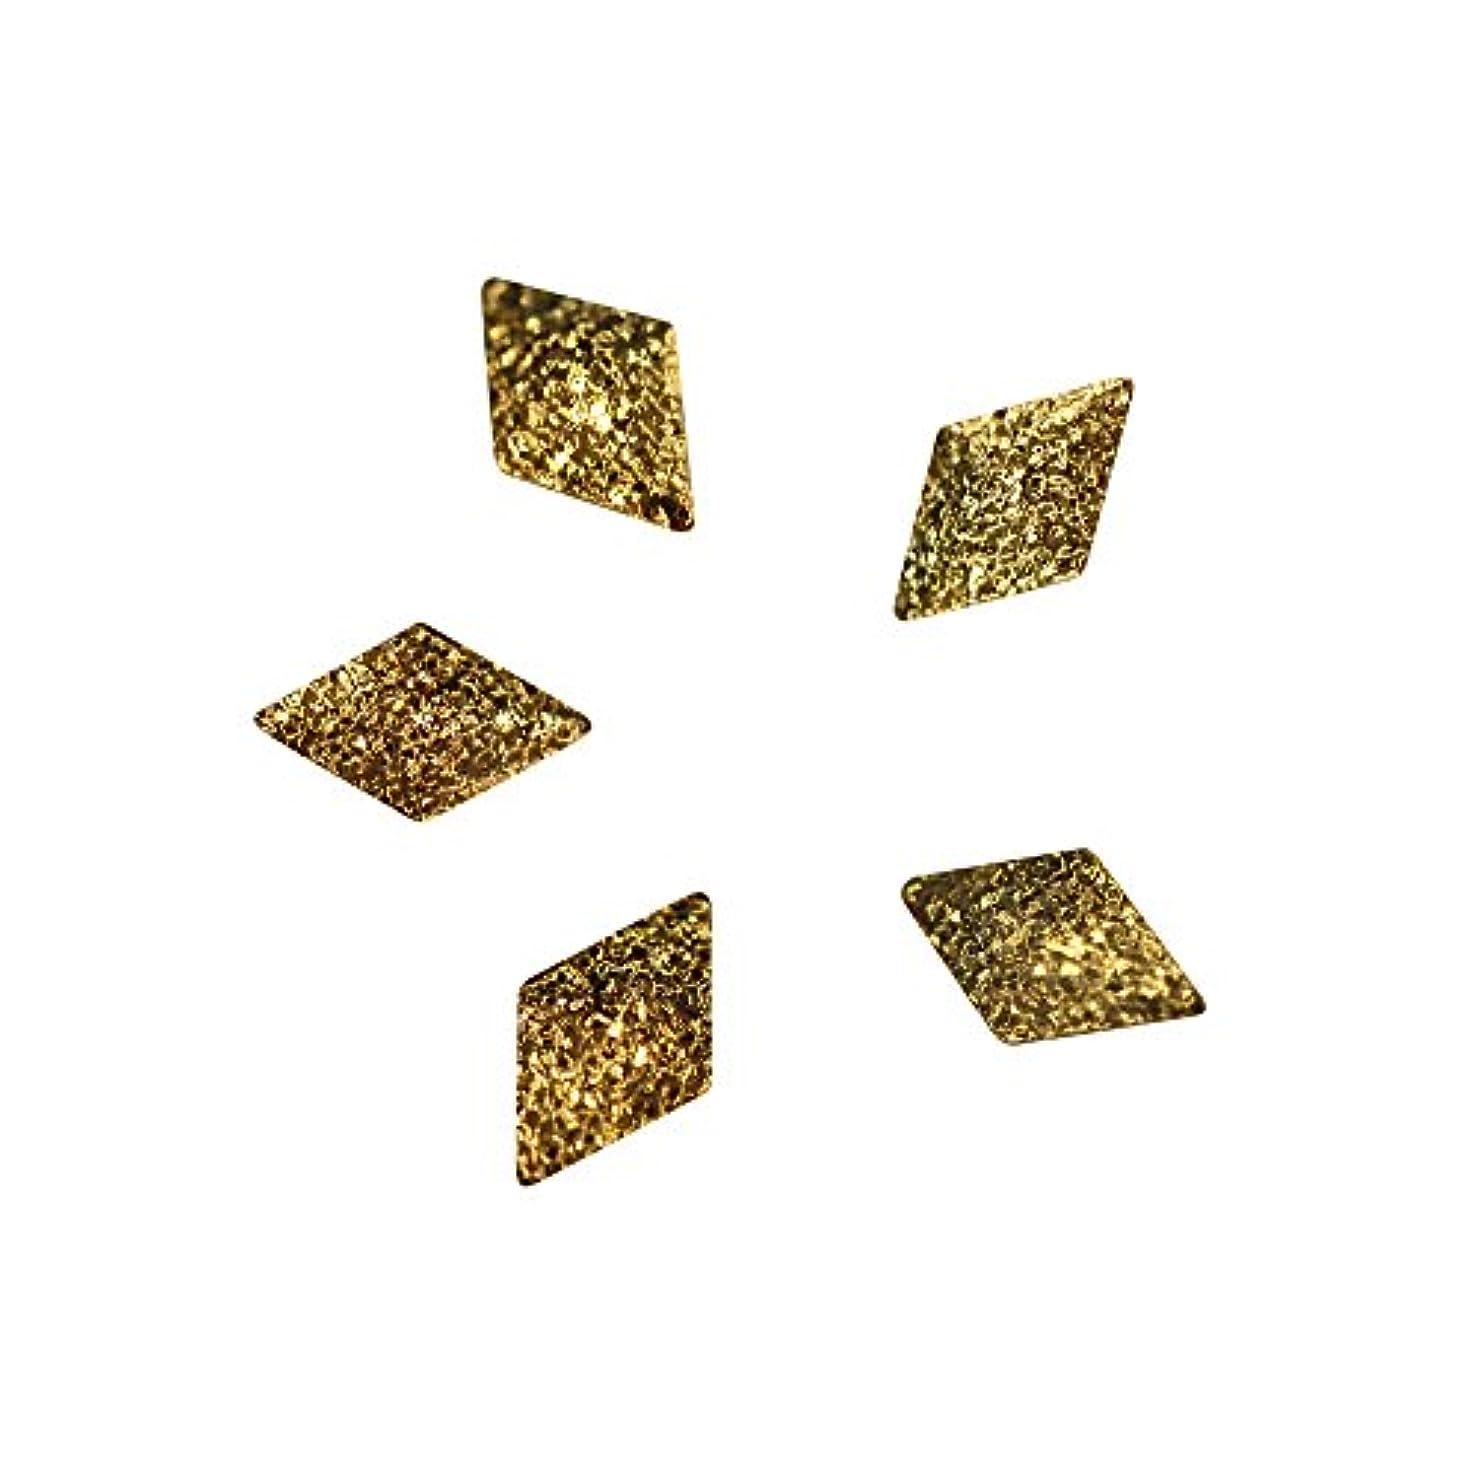 樫の木イチゴ子孫Bonnail ラフスタッズゴールド ダイヤ4×2mm 30P